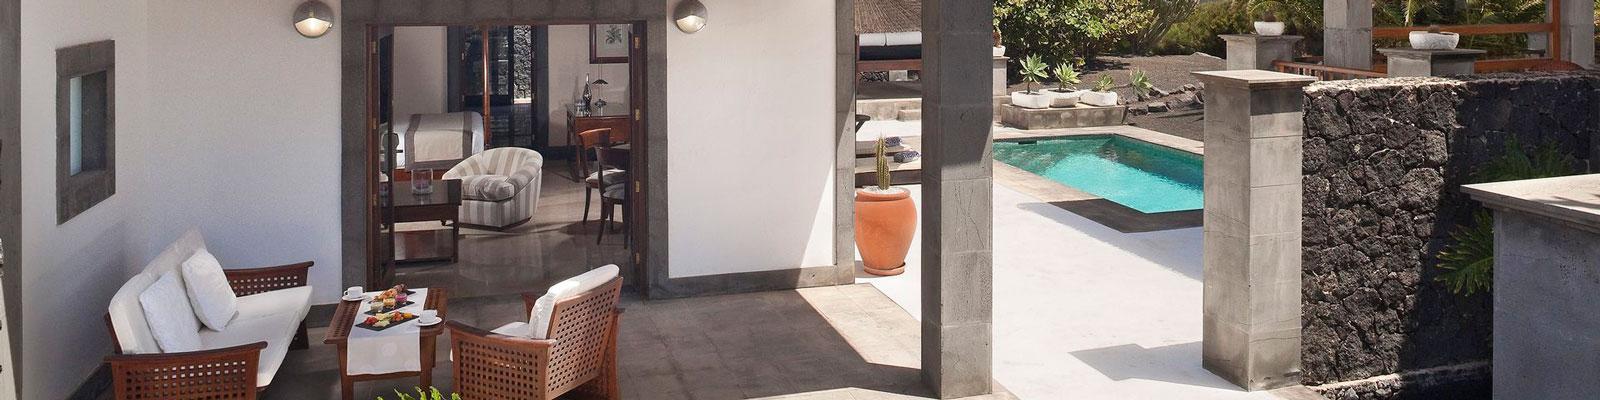 Melia Salinas - Lanzarote Hotel